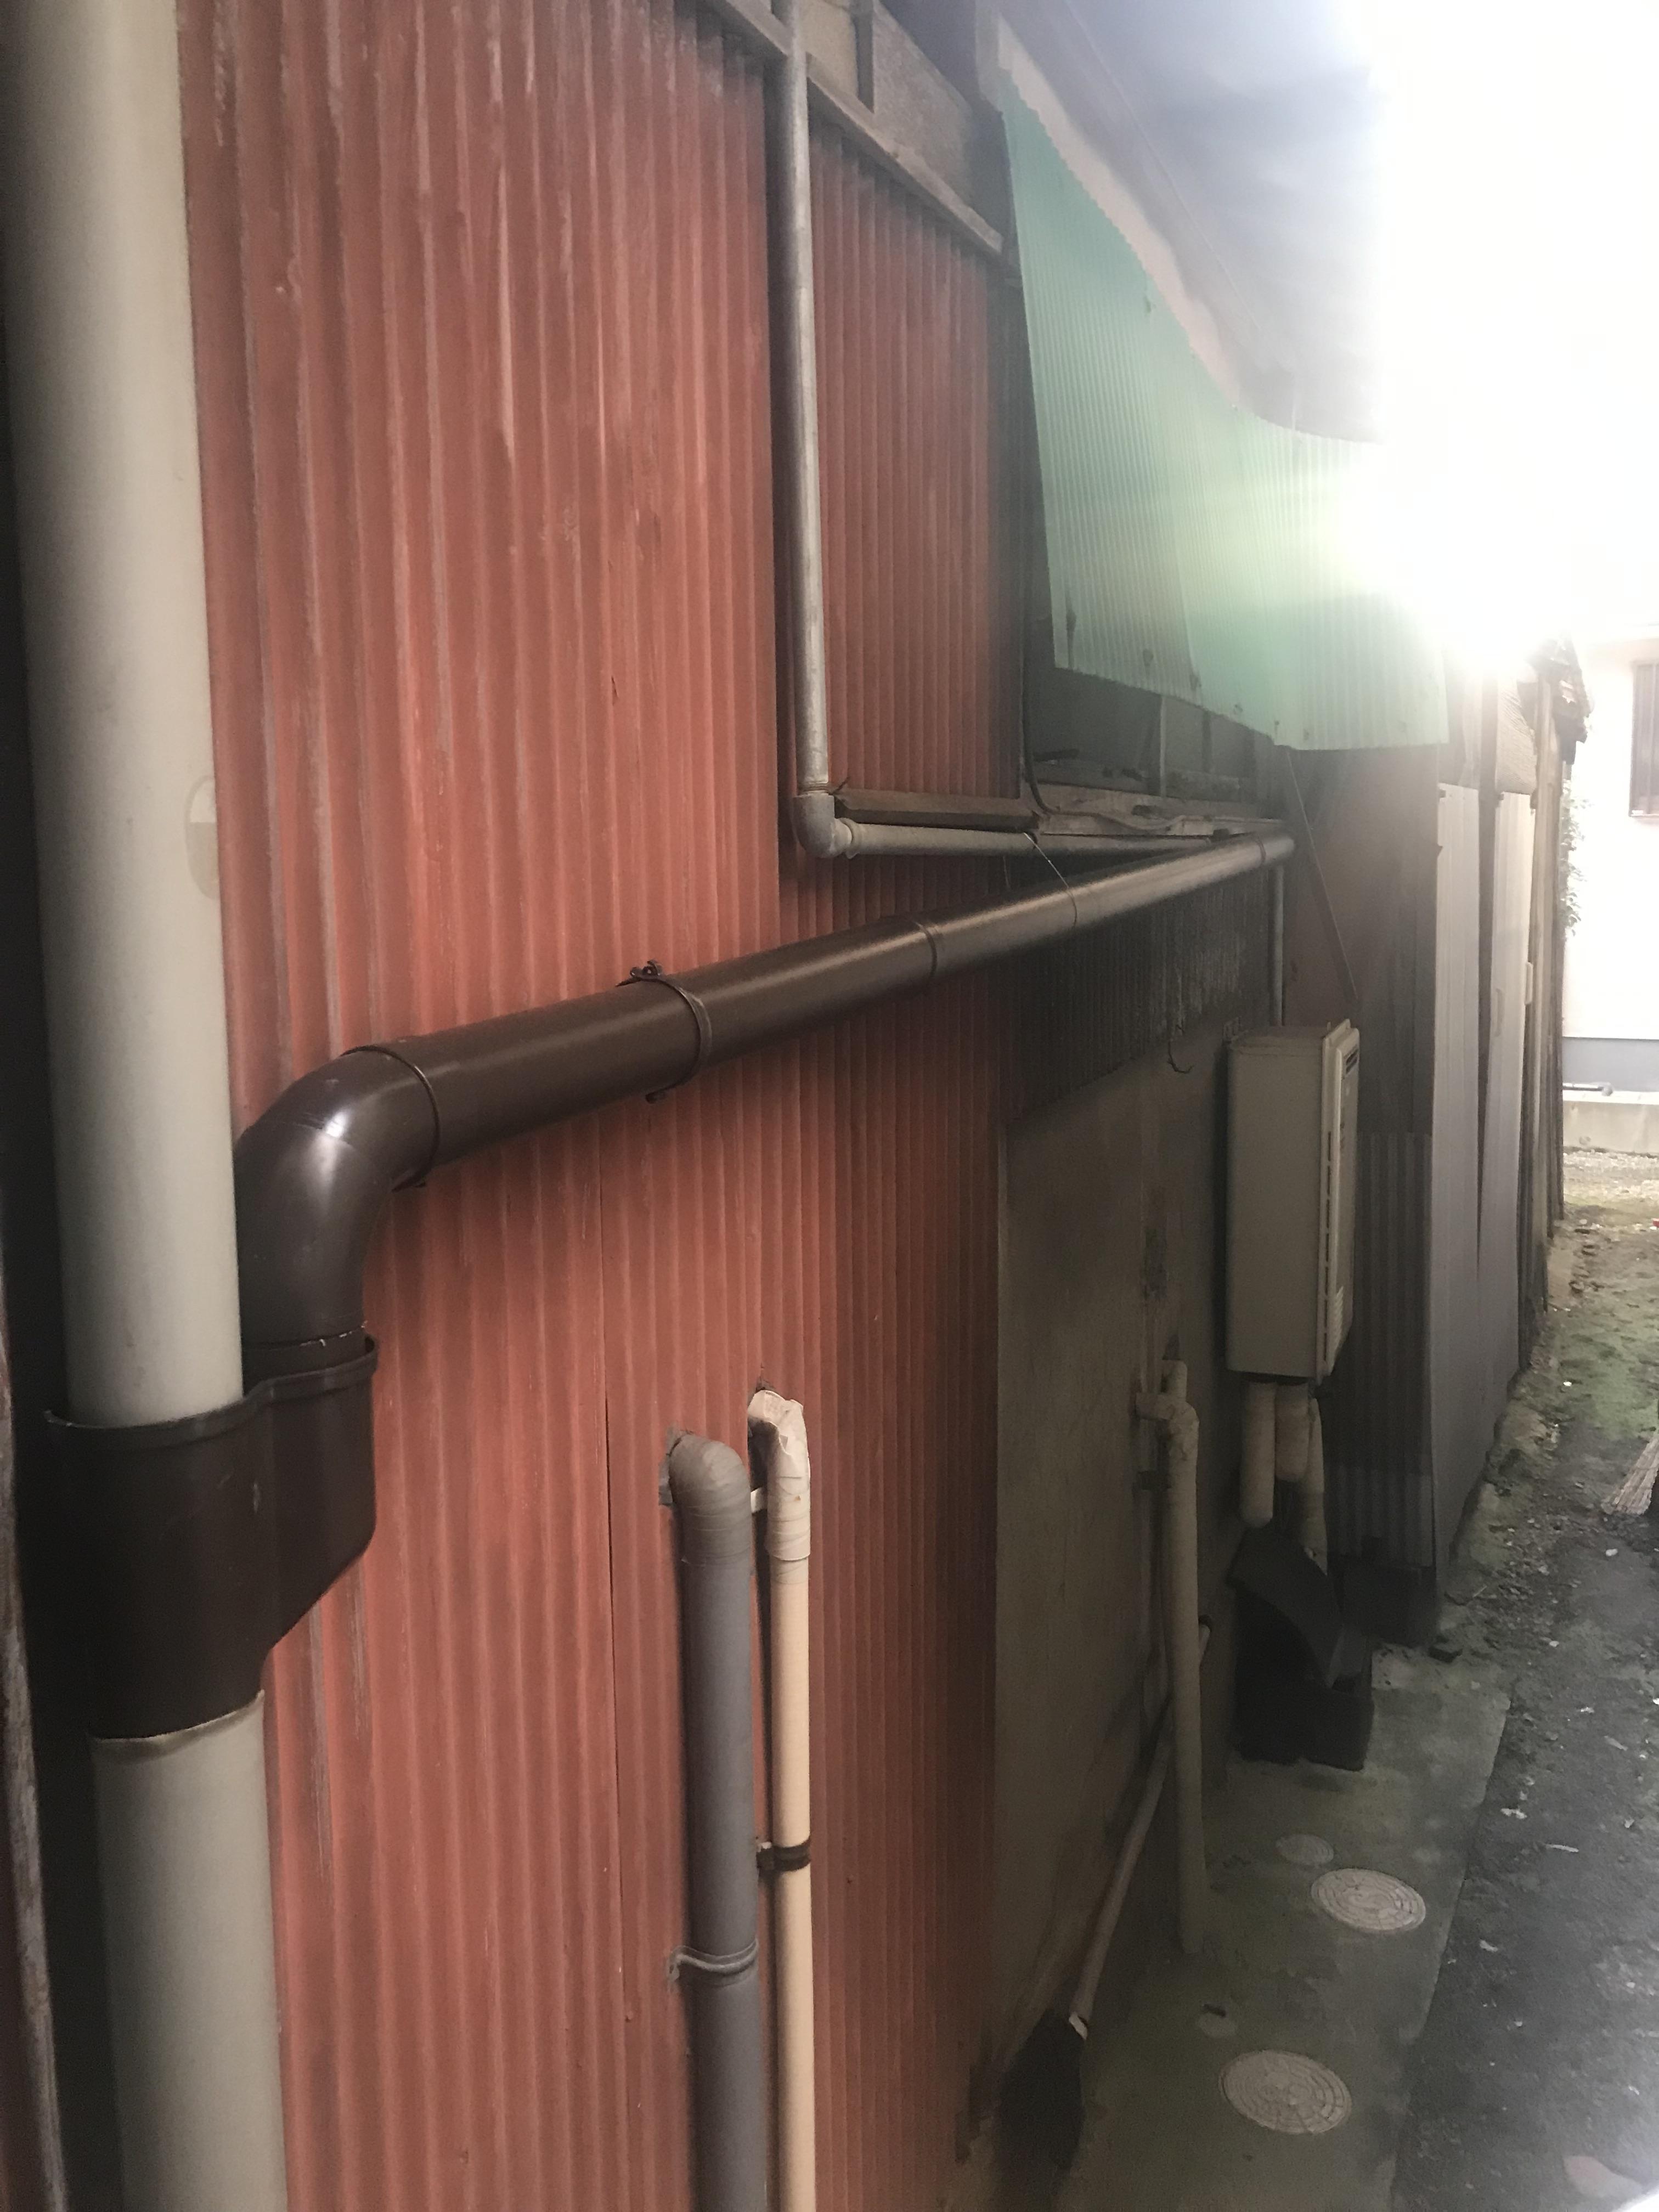 姫路市 雨水が隣の家に流れる